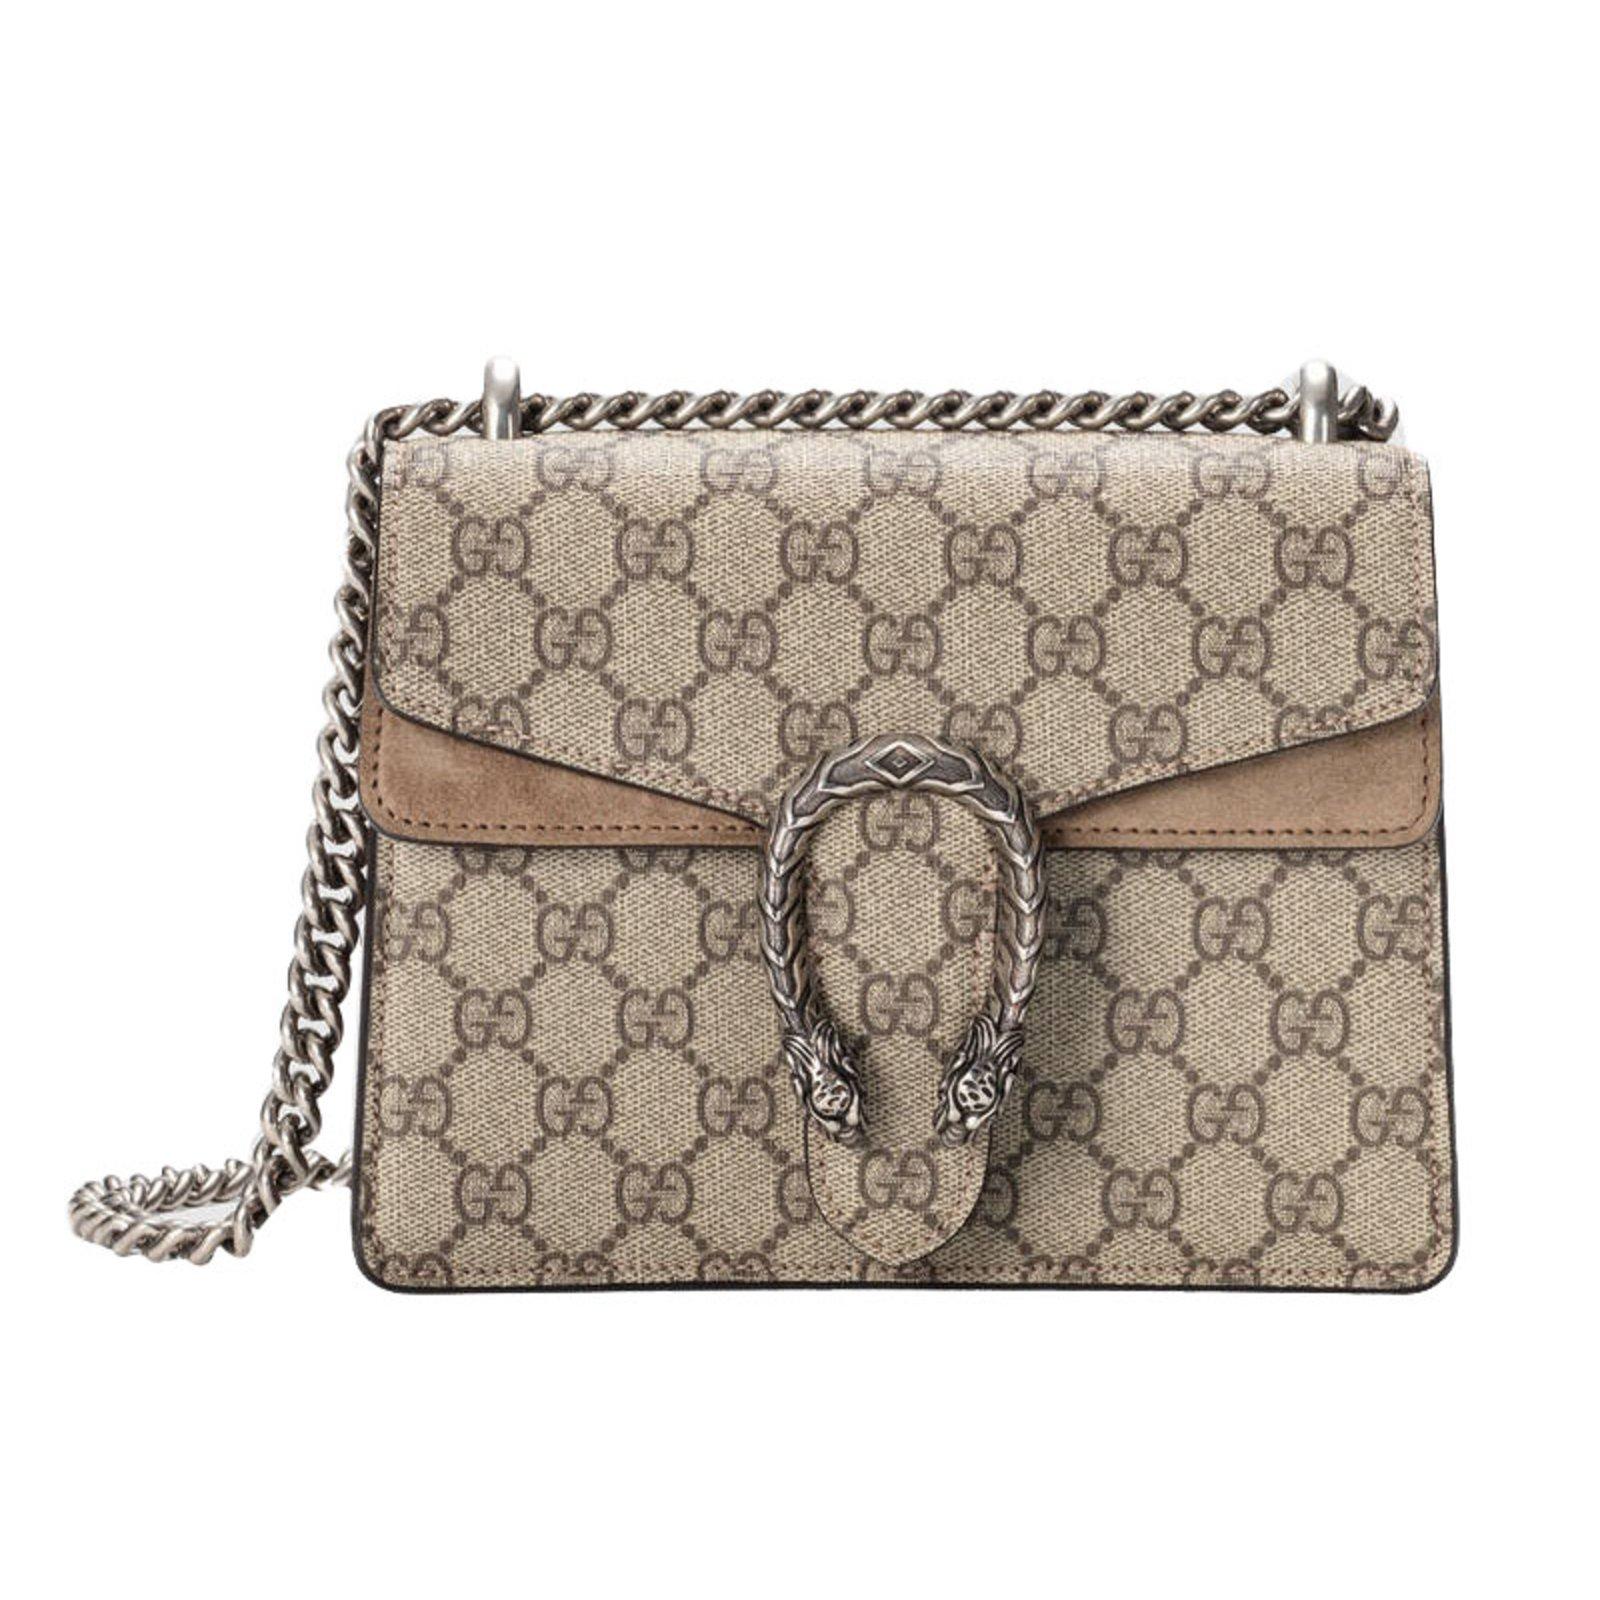 2019 year look- Handbags Gucci